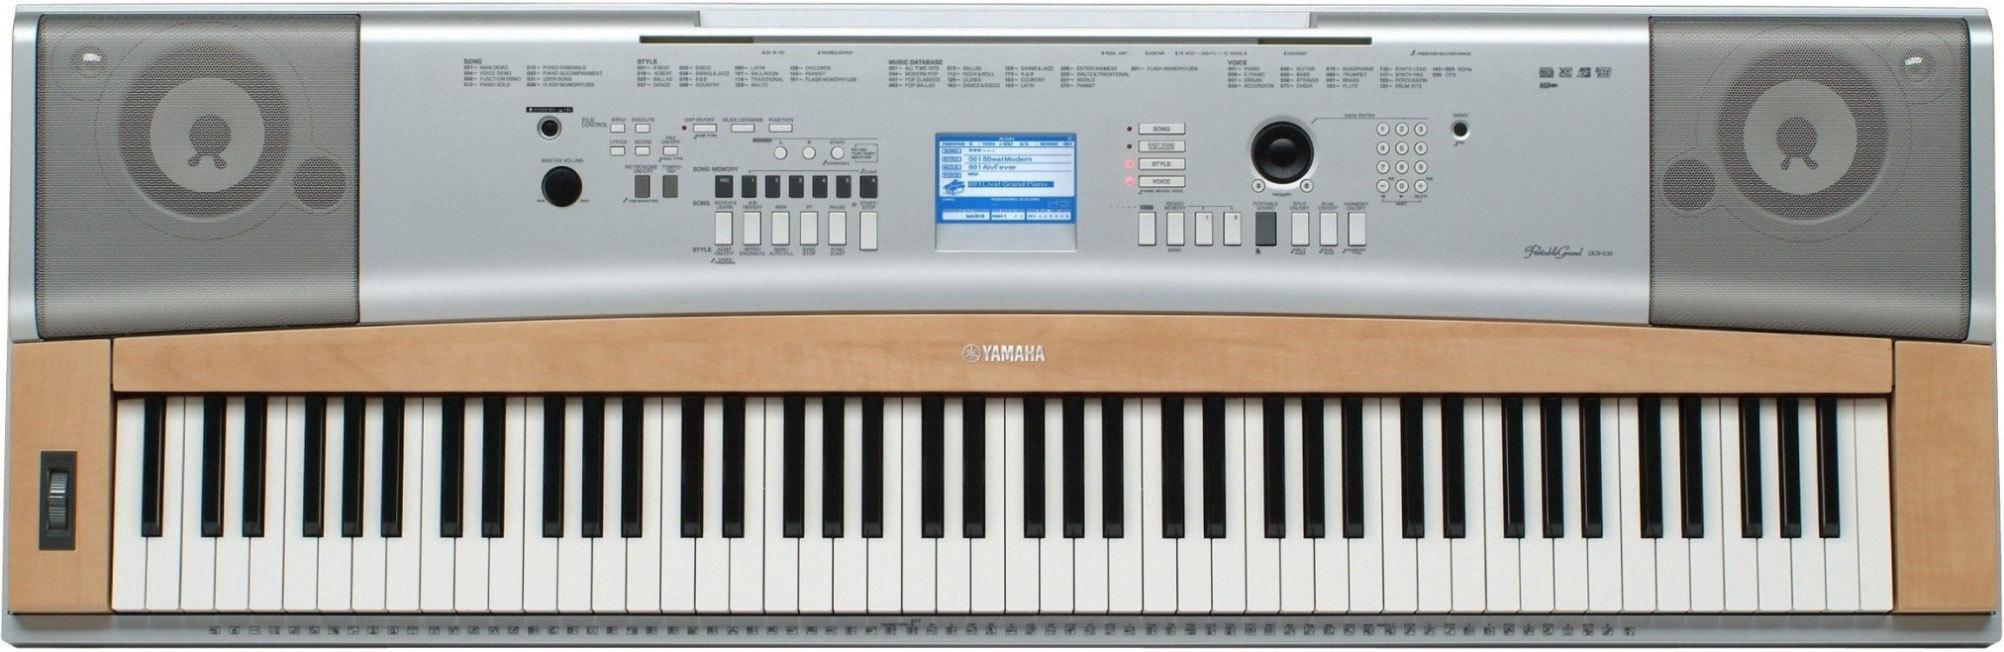 DGX-630 - Yamaha DGX-630 - Audiofanzine